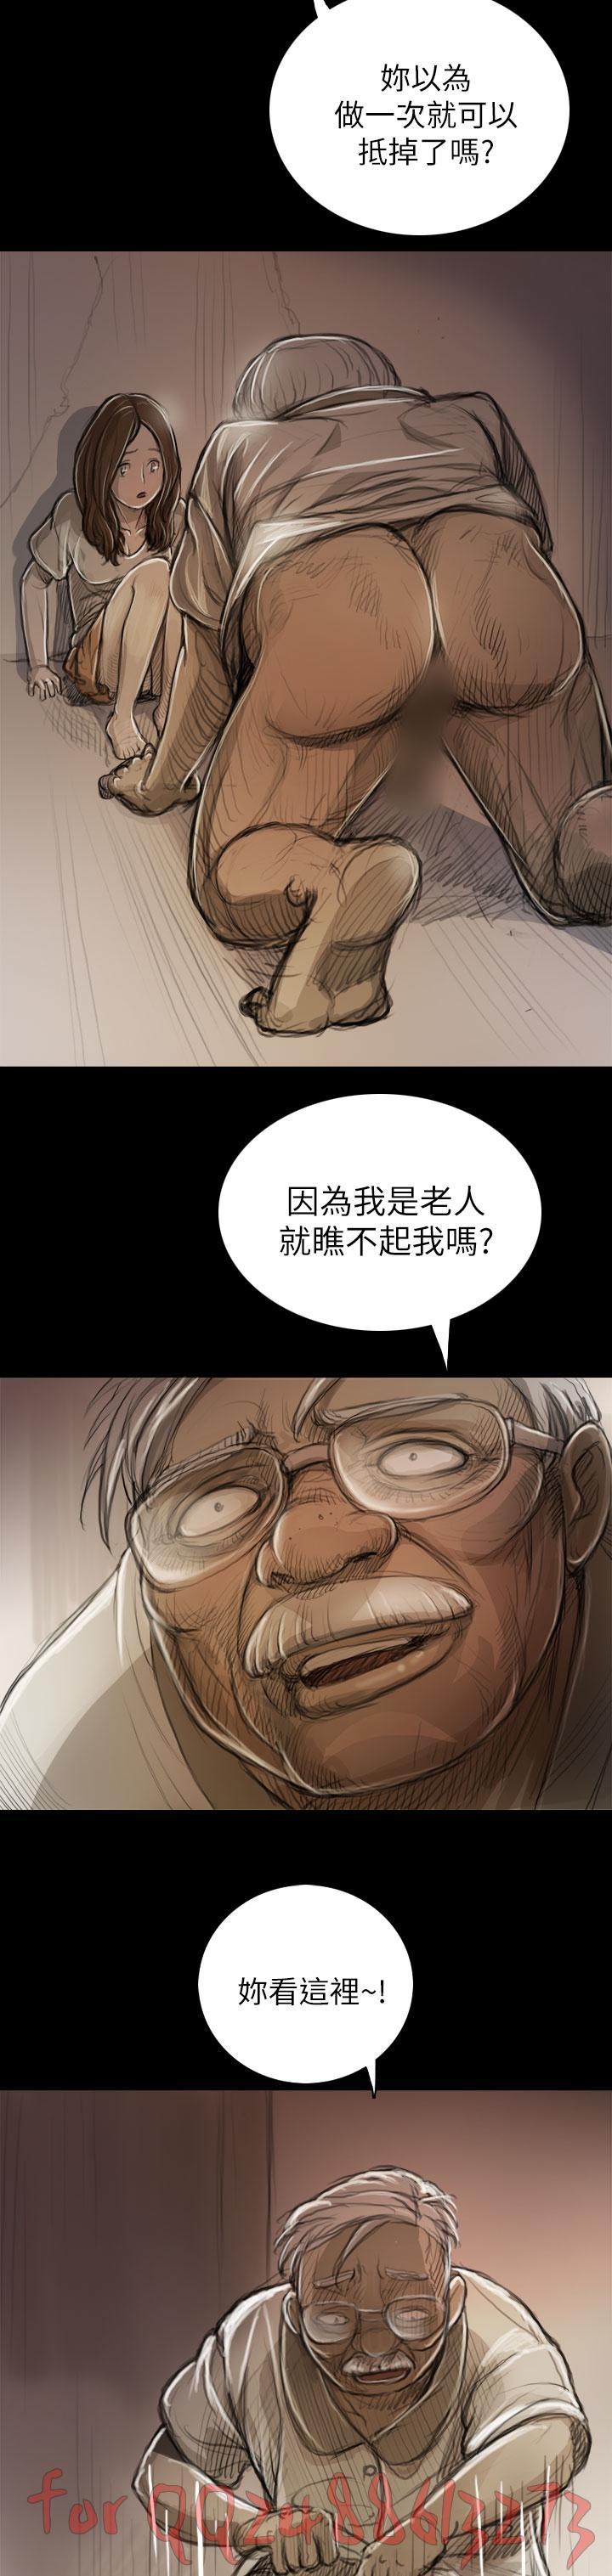 姊姊: 莲 第1~10話 [Chinese]中文 292